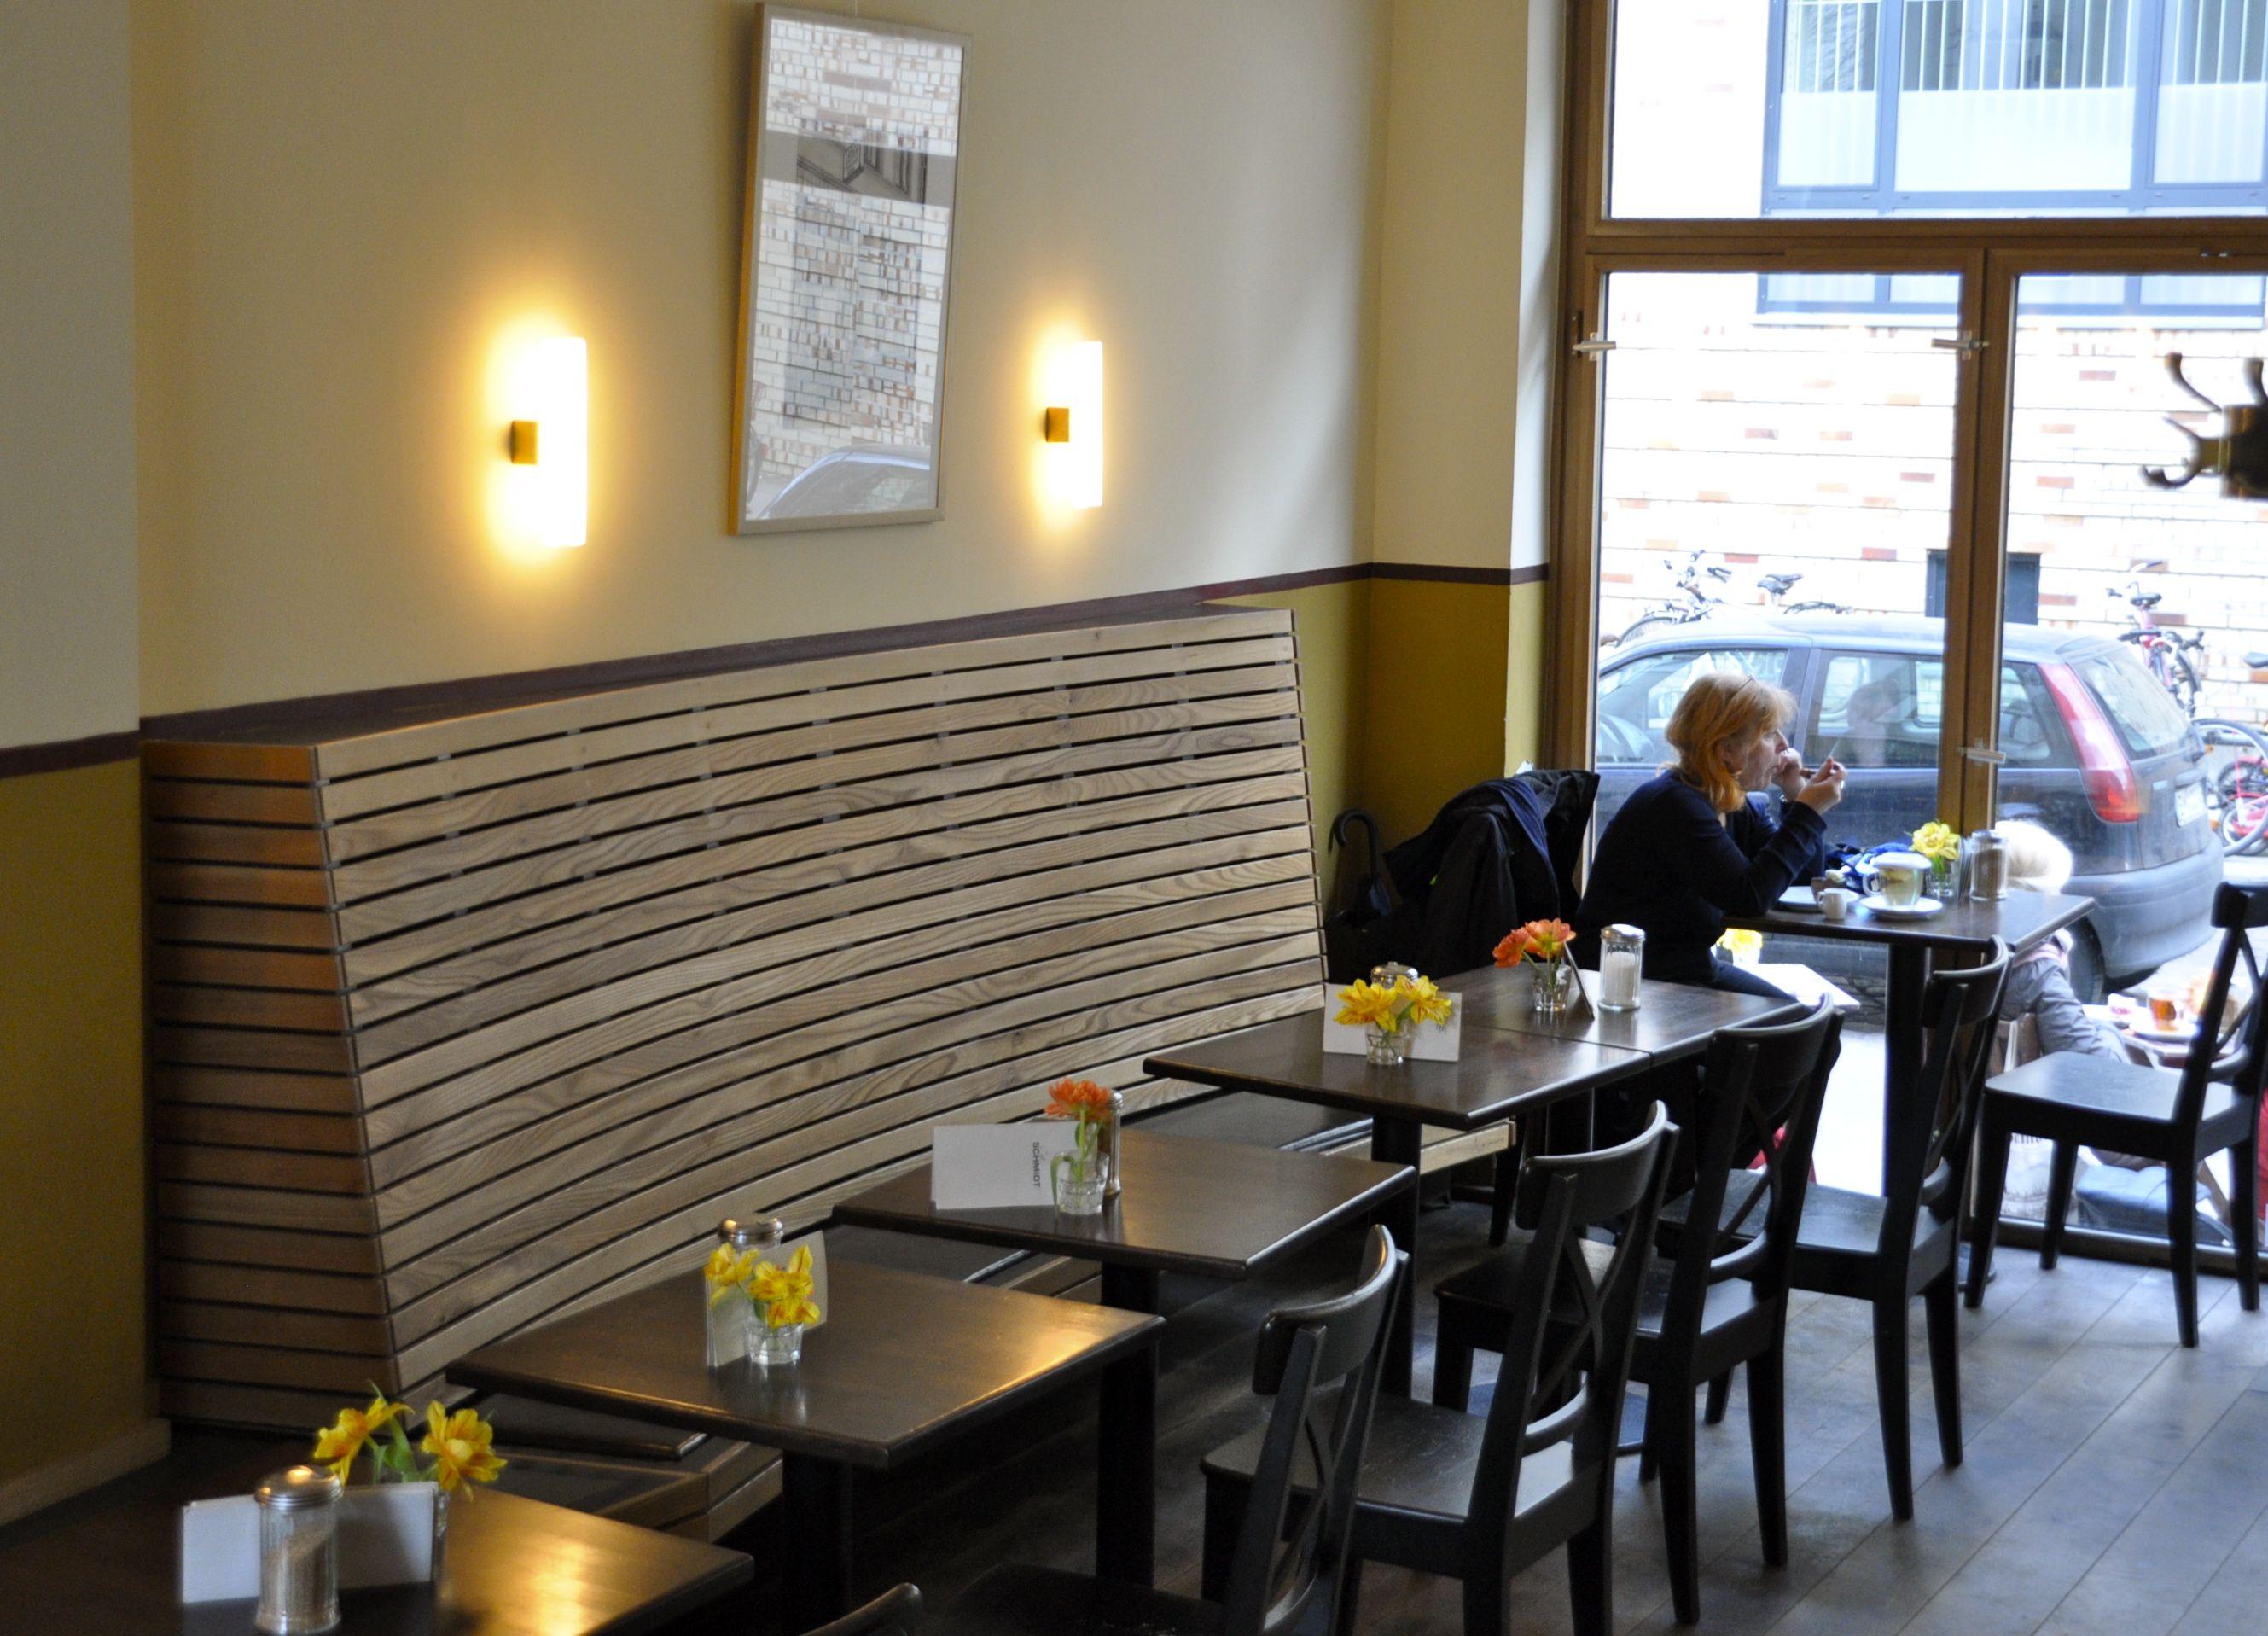 Cafe Schmidt - Ottensen - Große Rainstraße